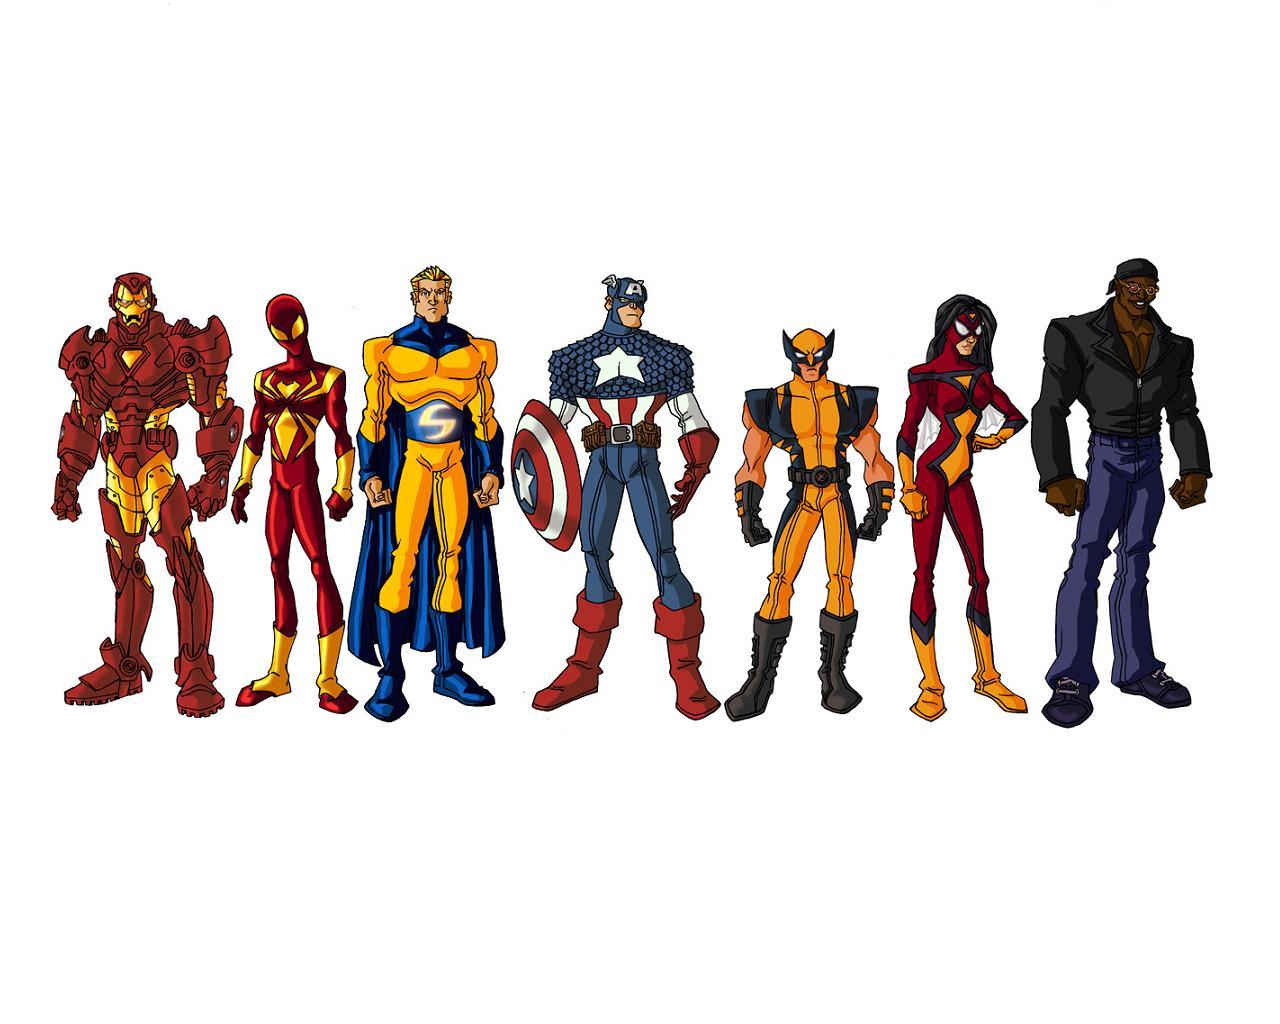 Dessins En Couleurs à Imprimer Spiderman Numéro 22321: Dessins En Couleurs à Imprimer : Avengers, Numéro : 396330